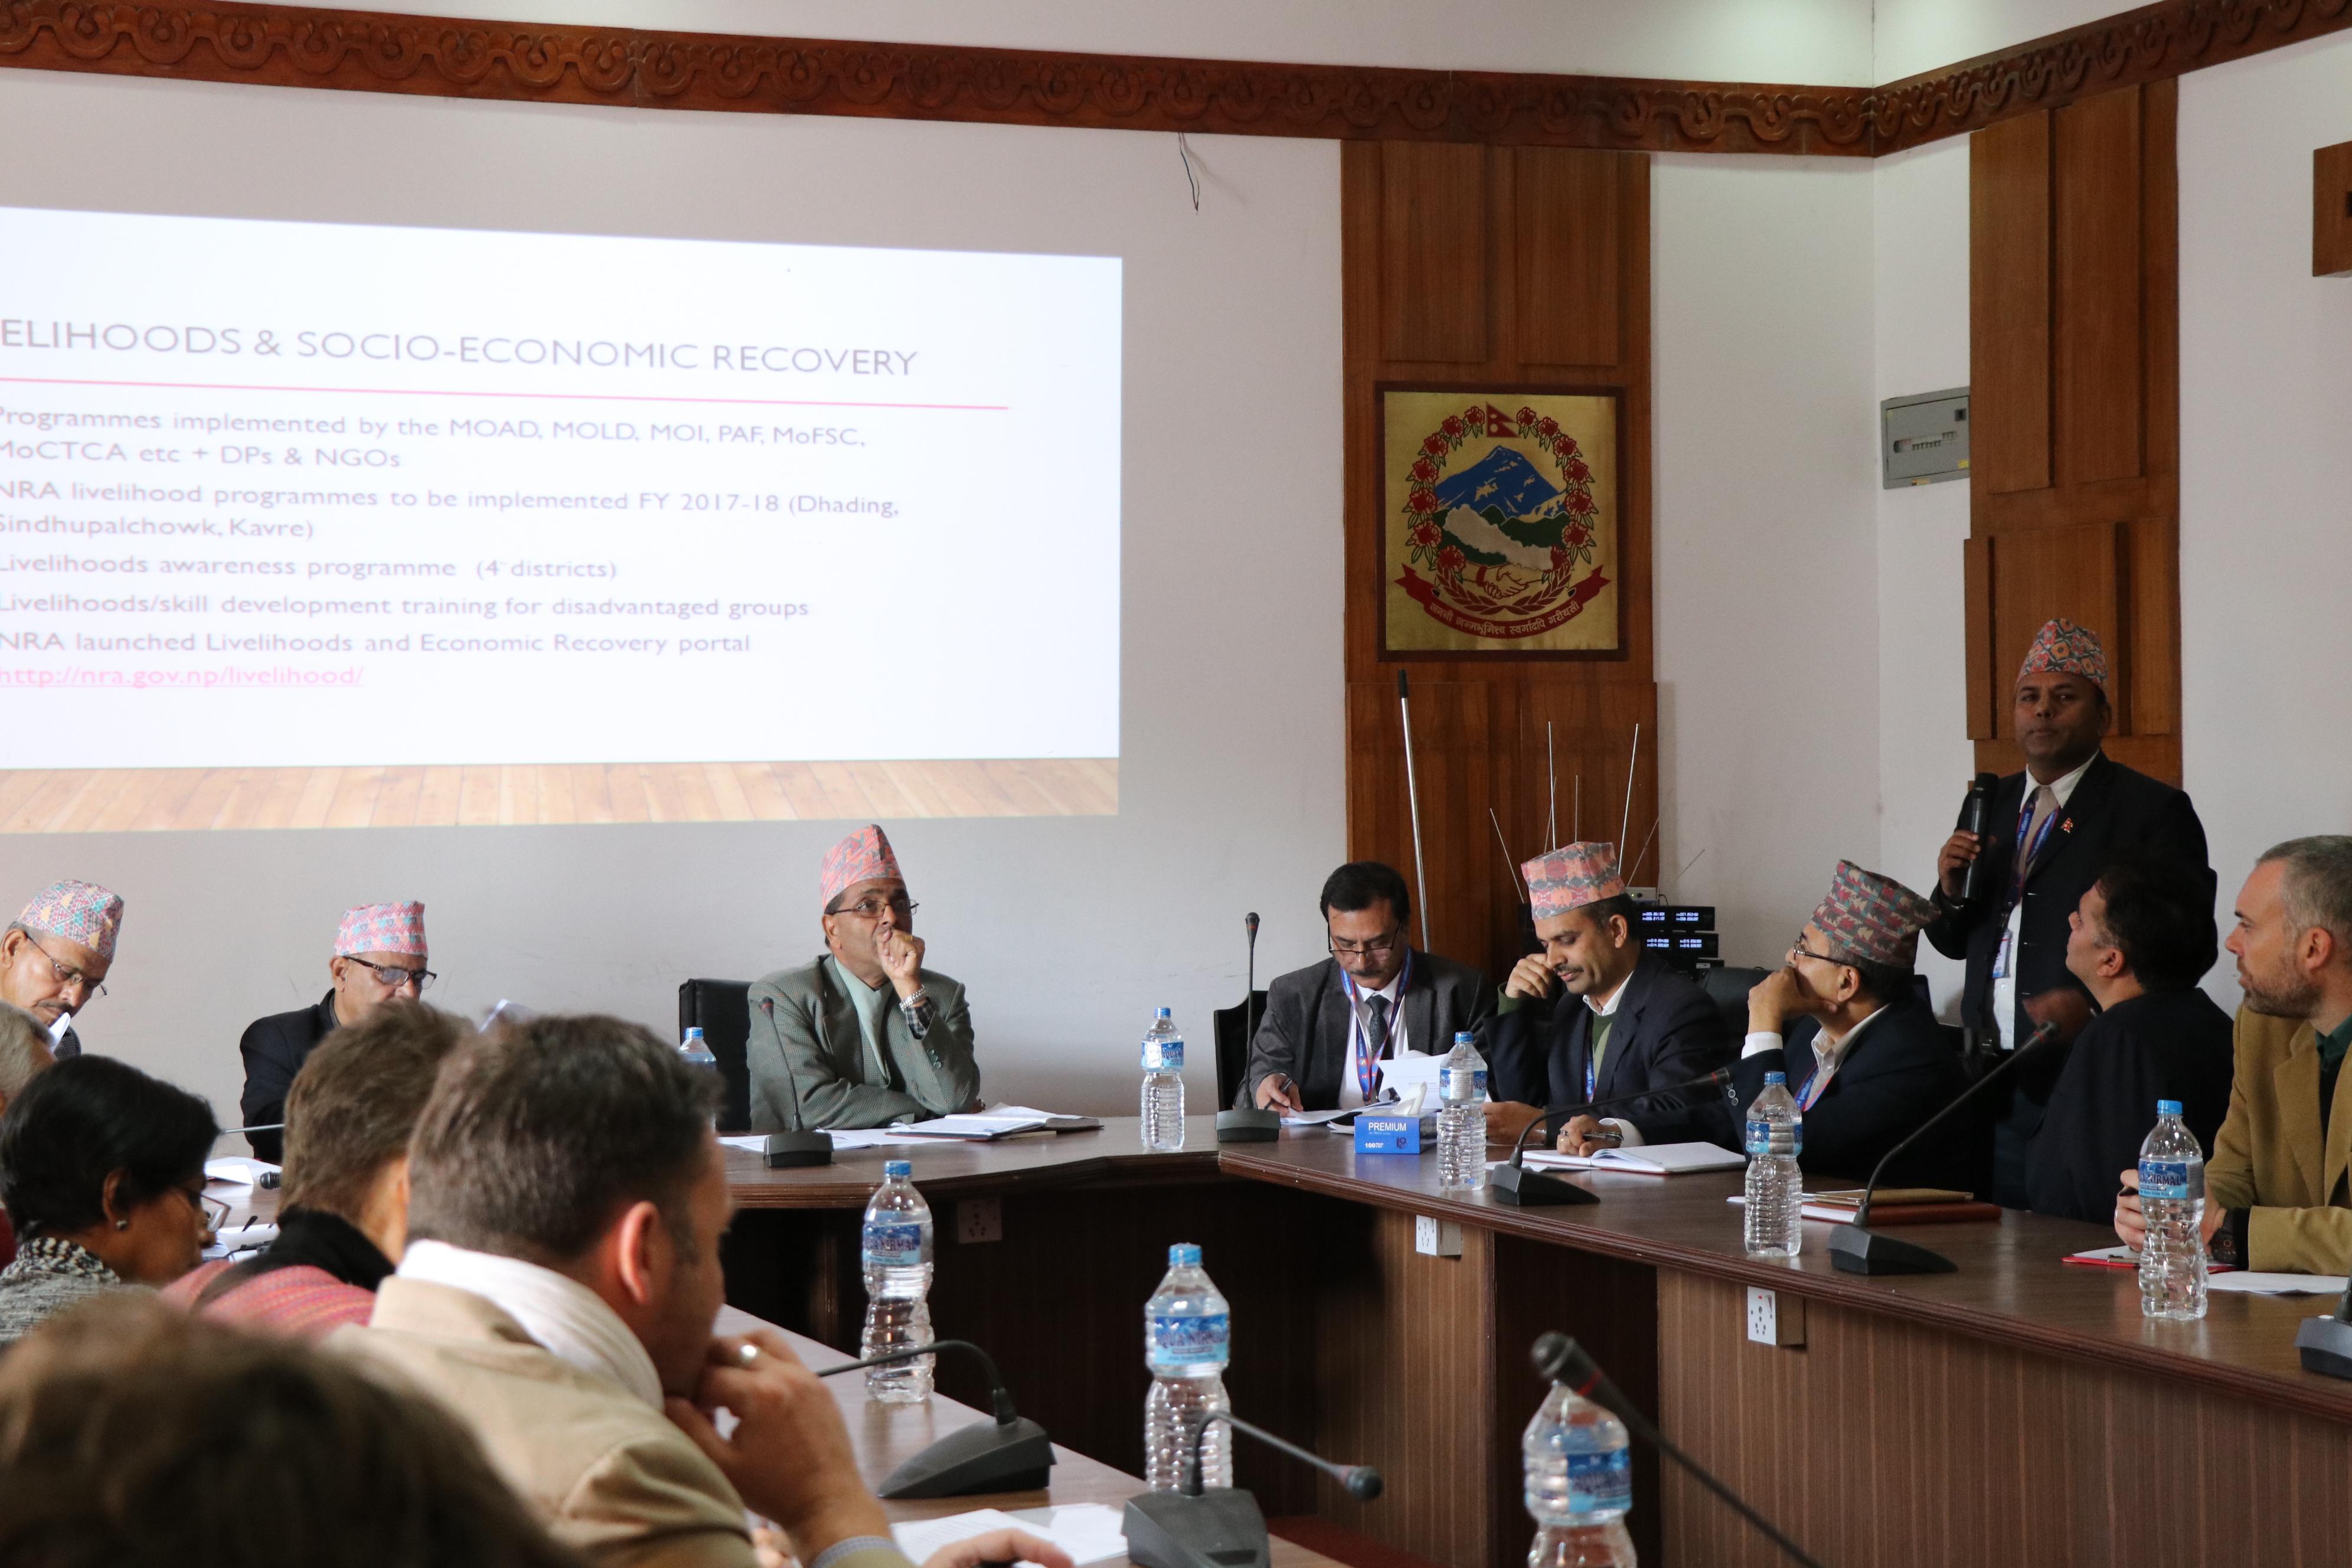 दातृ निकायद्धारा पुनर्निर्माण प्रगतिको प्रशंसा